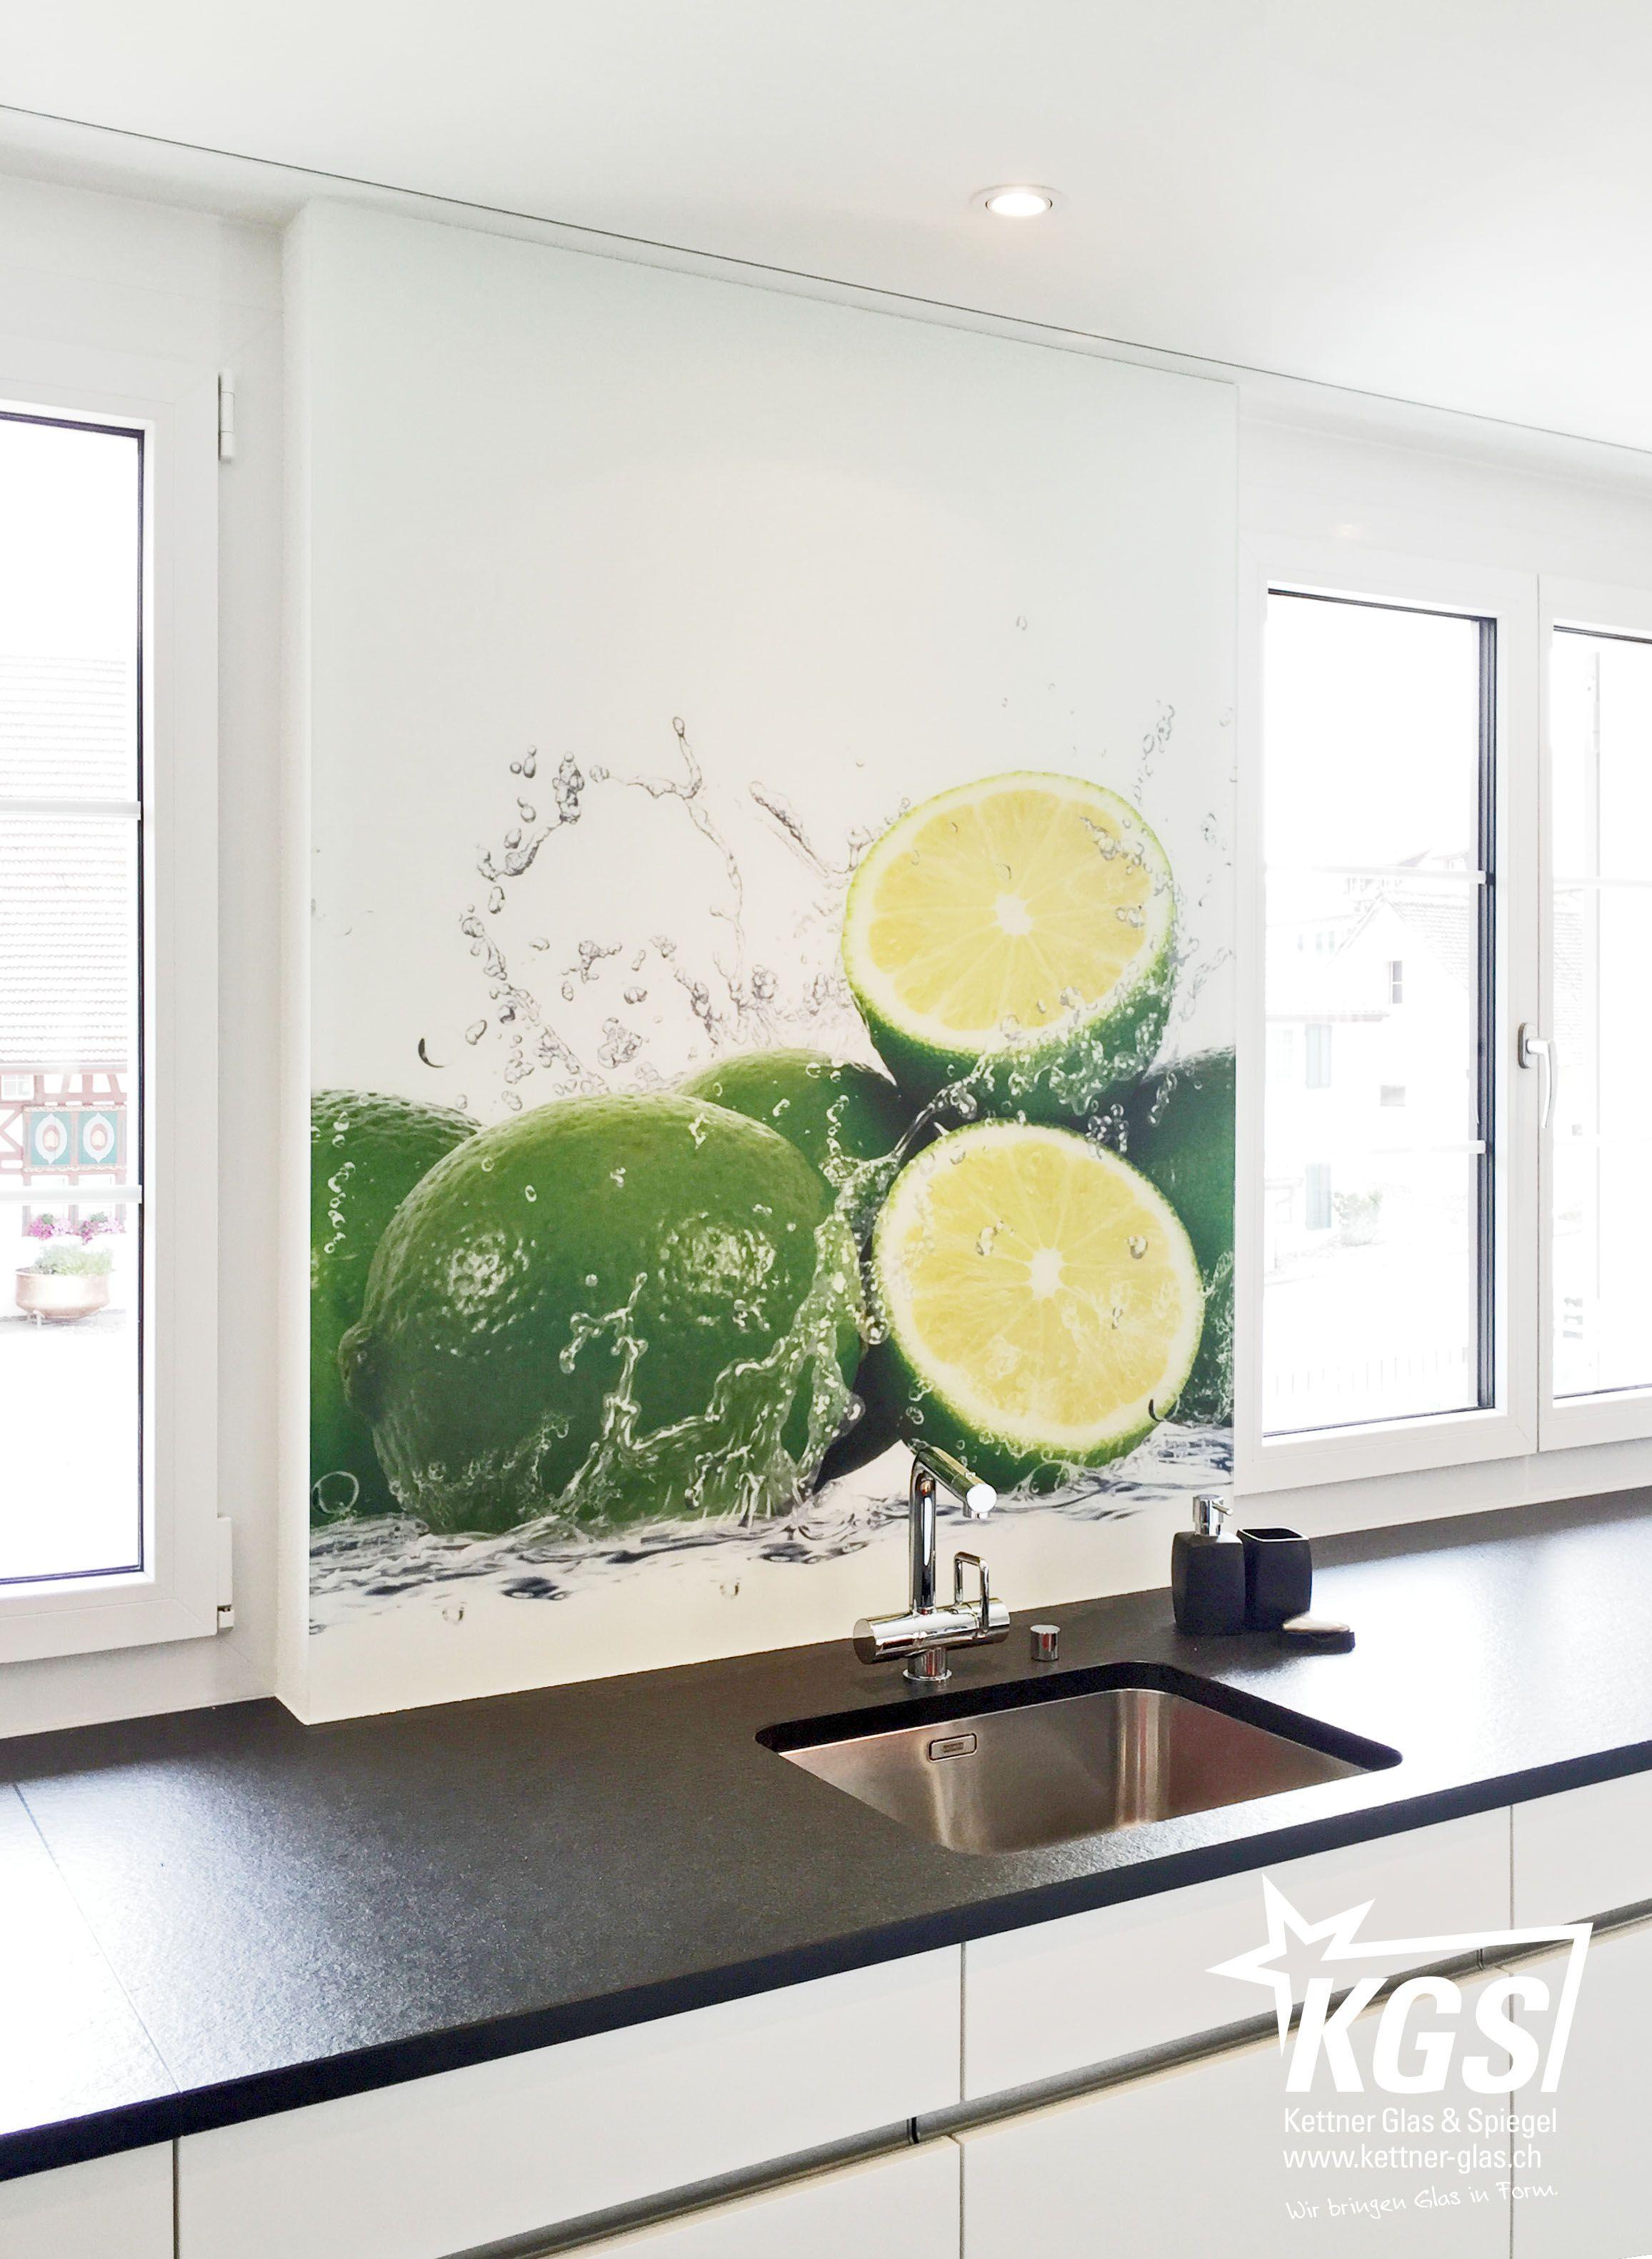 Digitaldruck Auf Satinato Diamantglas Als Kuchenruckwand Von Ihrer Glaserei Sie Mochten Ein Satiniertes Glas Als Kuchenruckwand Un In 2020 Kuchenruckwand